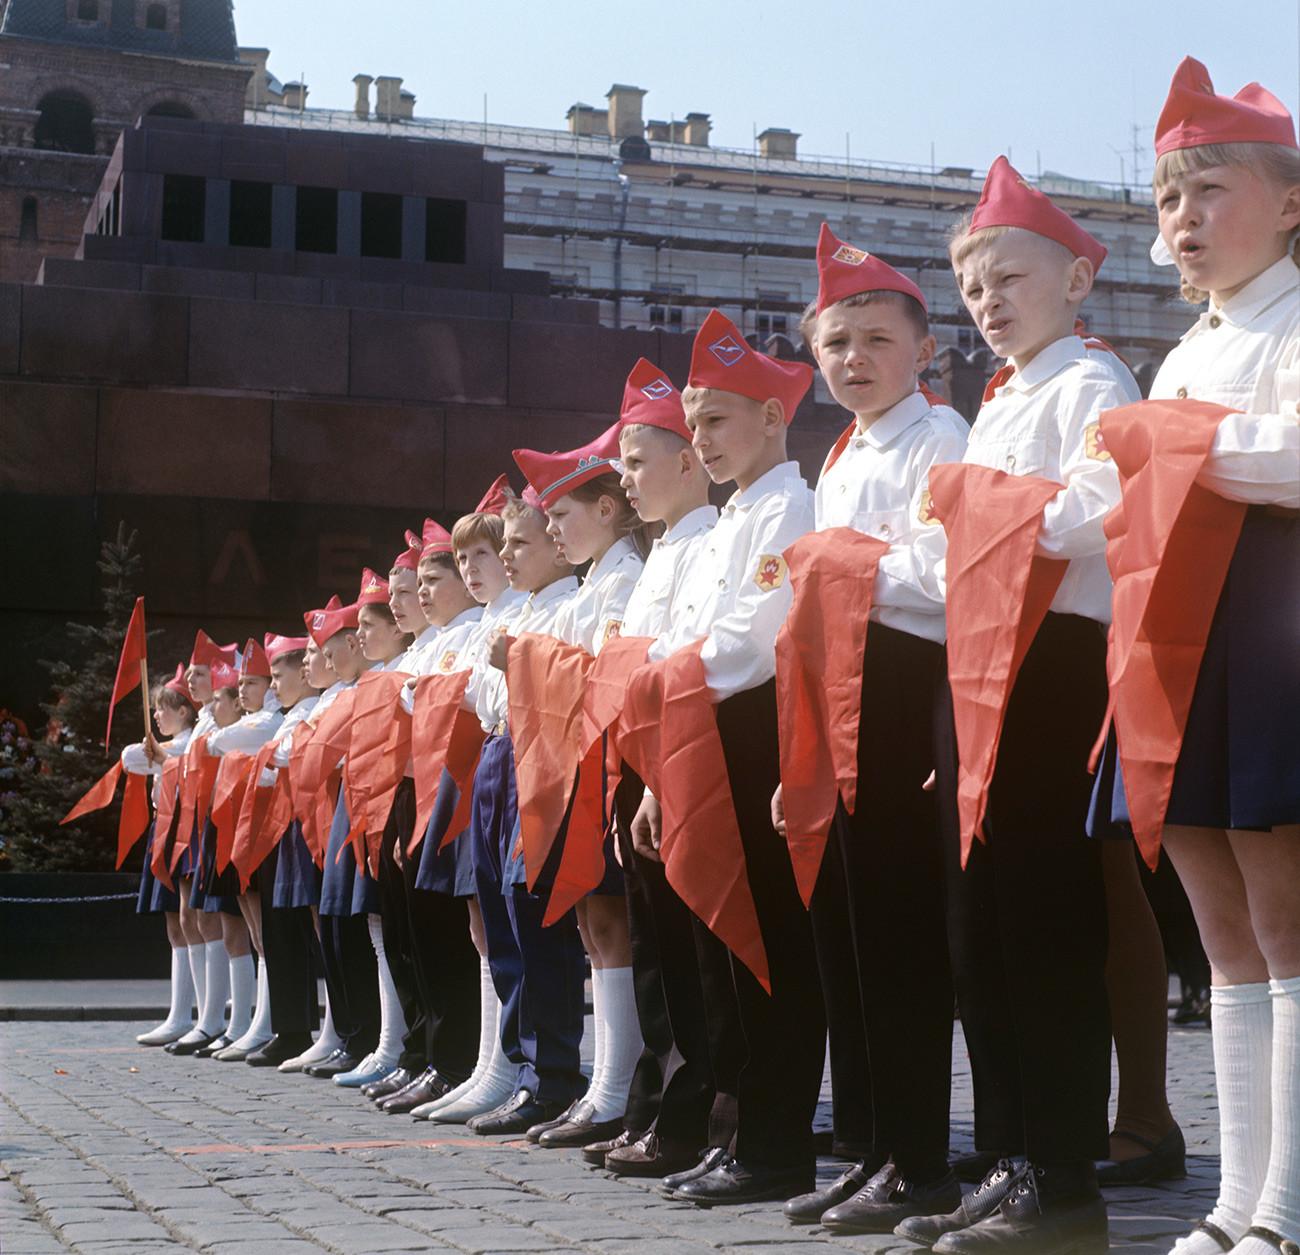 Anak-anak anggota Pionir Muda di Lapangan Merah.